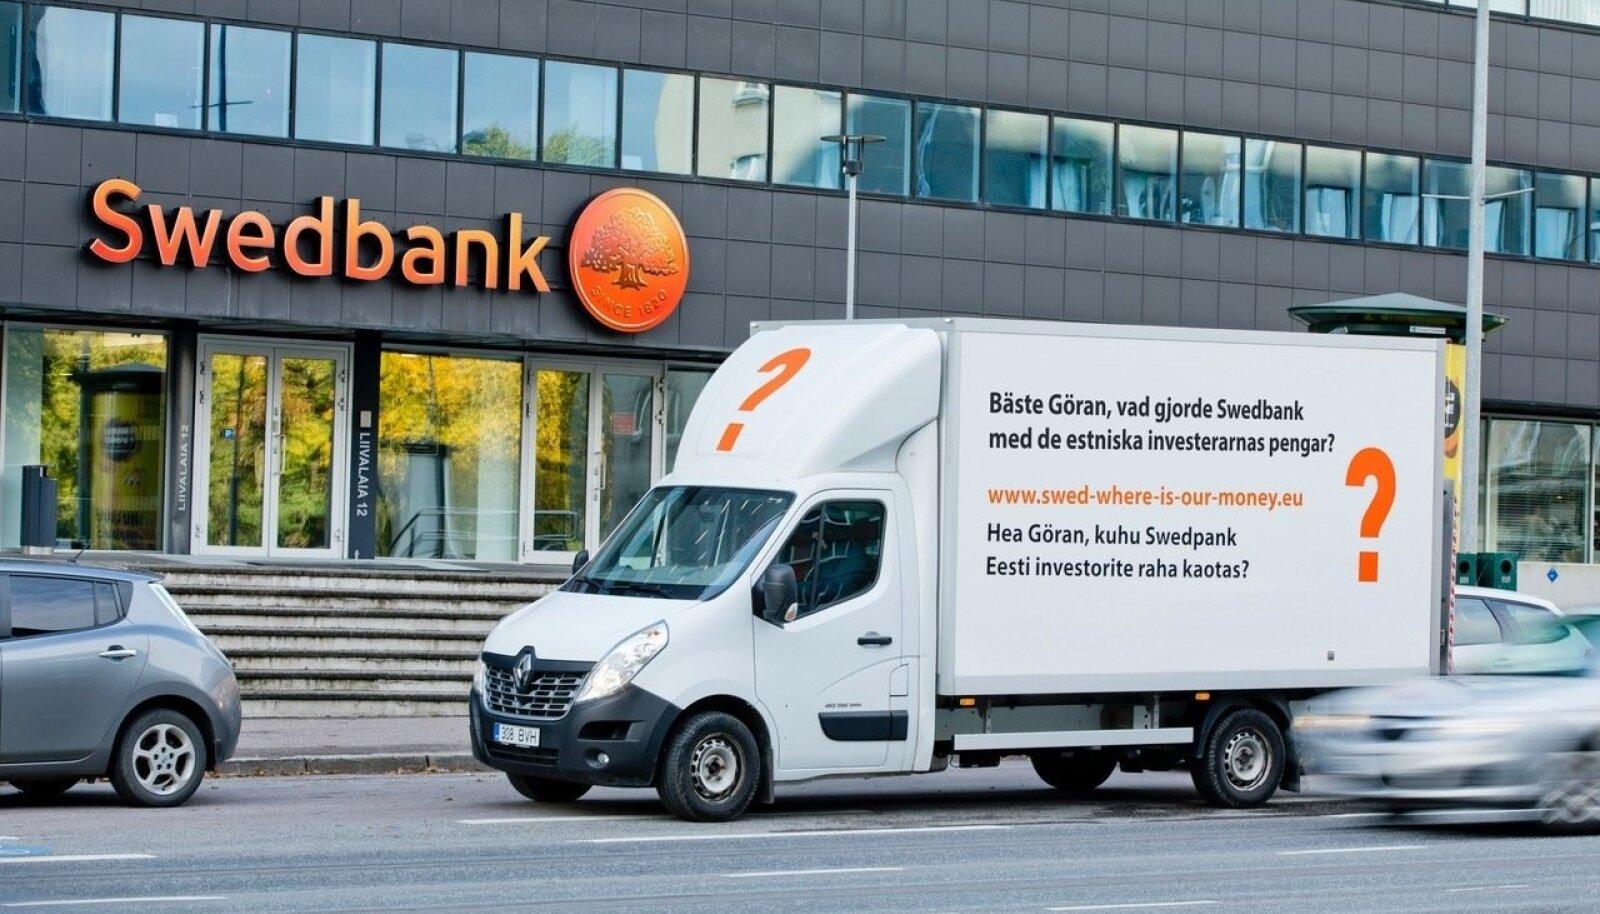 Swedbanki petetud investorite reklaamikampaania.